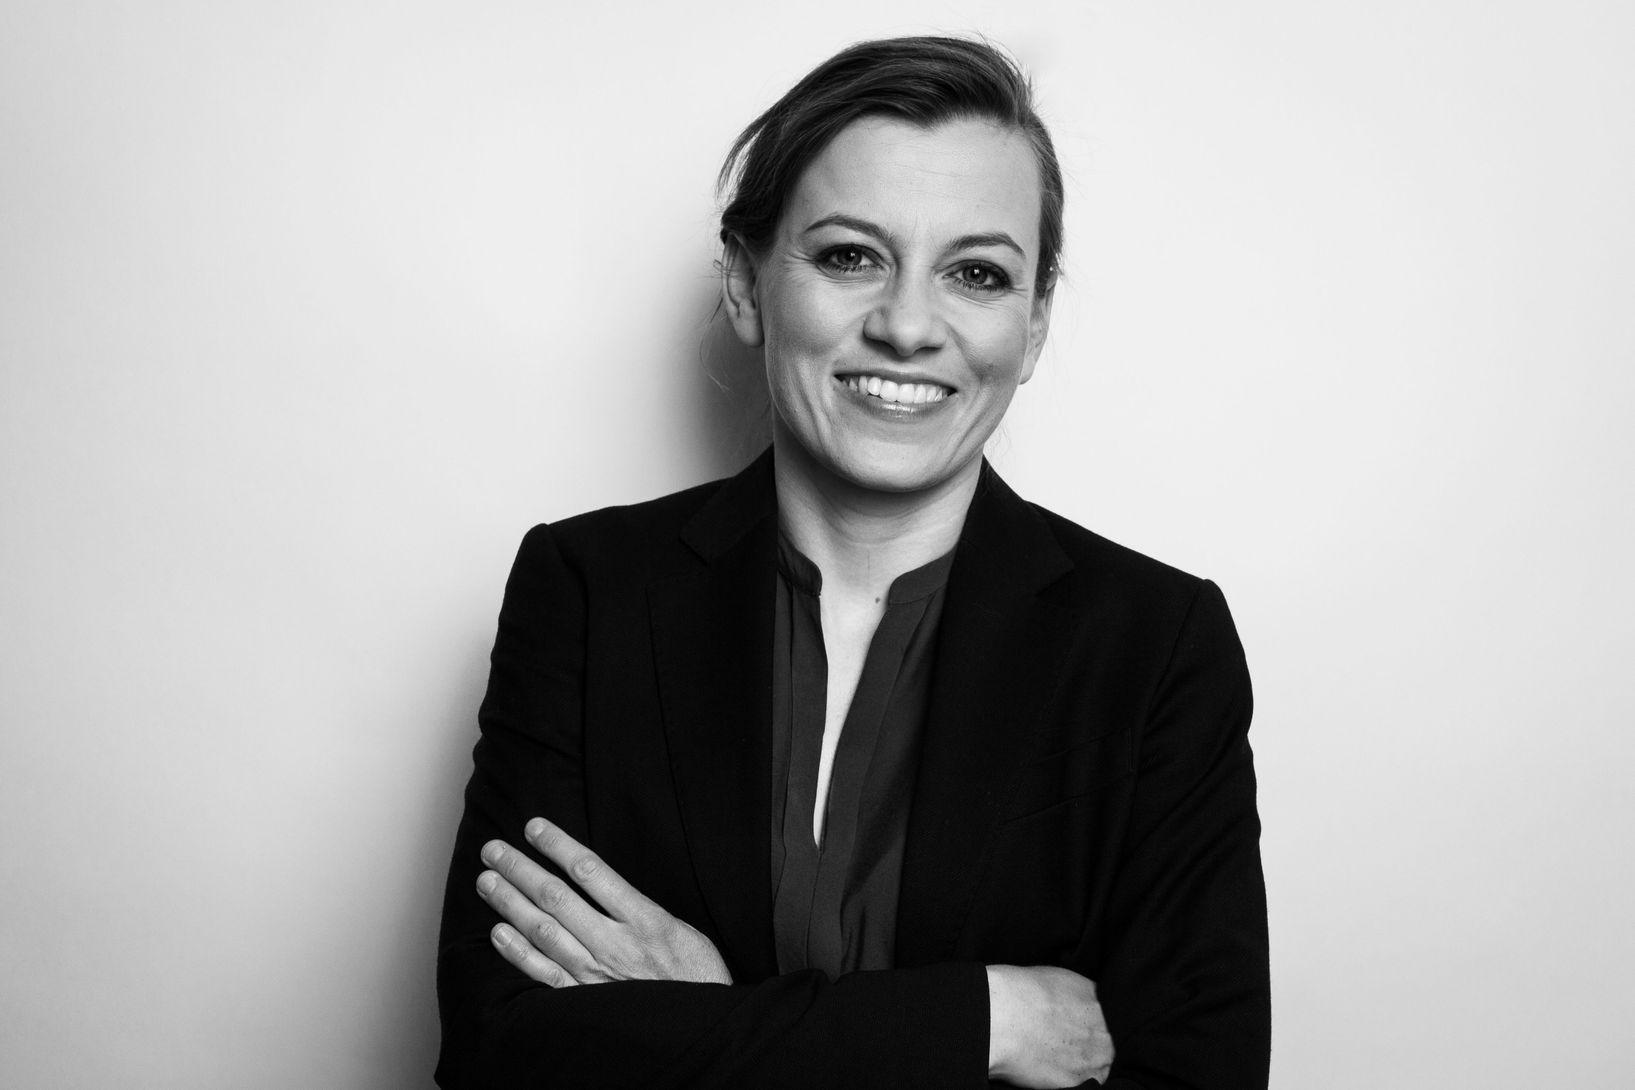 Zuzanna Rudzińska-Bluszcz, Główna Koordynatorka ds. Strategicznych Postępowań Sądowych w Biurze Rzecznika Praw Obywatelskich